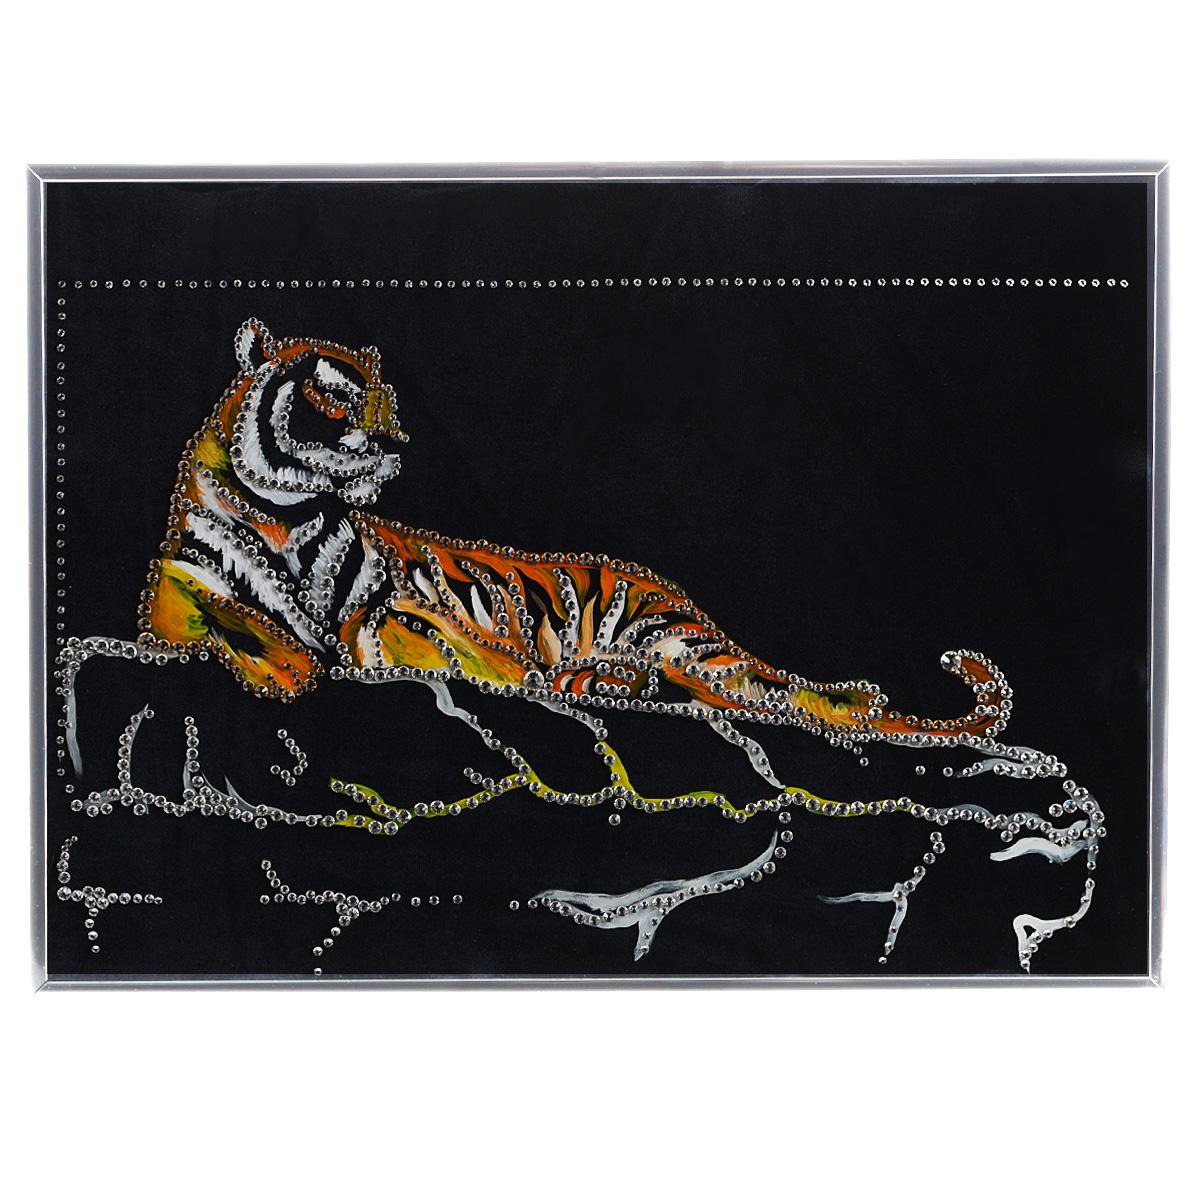 Картина с кристаллами Swarovski Тигр Шерхан, 40 см х 30 см1295Изящная картина в металлической раме, инкрустирована кристаллами Swarovski, которые отличаются четкой и ровной огранкой, ярким блеском и чистотой цвета. Красочное изображение тигра, расположенное на внутренней стороне стекла, прекрасно дополняет блеск кристаллов. Под стеклом картина оформлены бархатистой тканью черного цвета. С обратной стороны имеется металлическая петелька для размещения картины на стене. Картина с кристаллами Swarovski Тигр Шерхан элегантно украсит интерьер дома или офиса, а также станет прекрасным подарком, который обязательно понравится получателю. Блеск кристаллов в интерьере, что может быть сказочнее и удивительнее. Картина упакована в подарочную картонную коробку синего цвета и комплектуется сертификатом соответствия Swarovski.